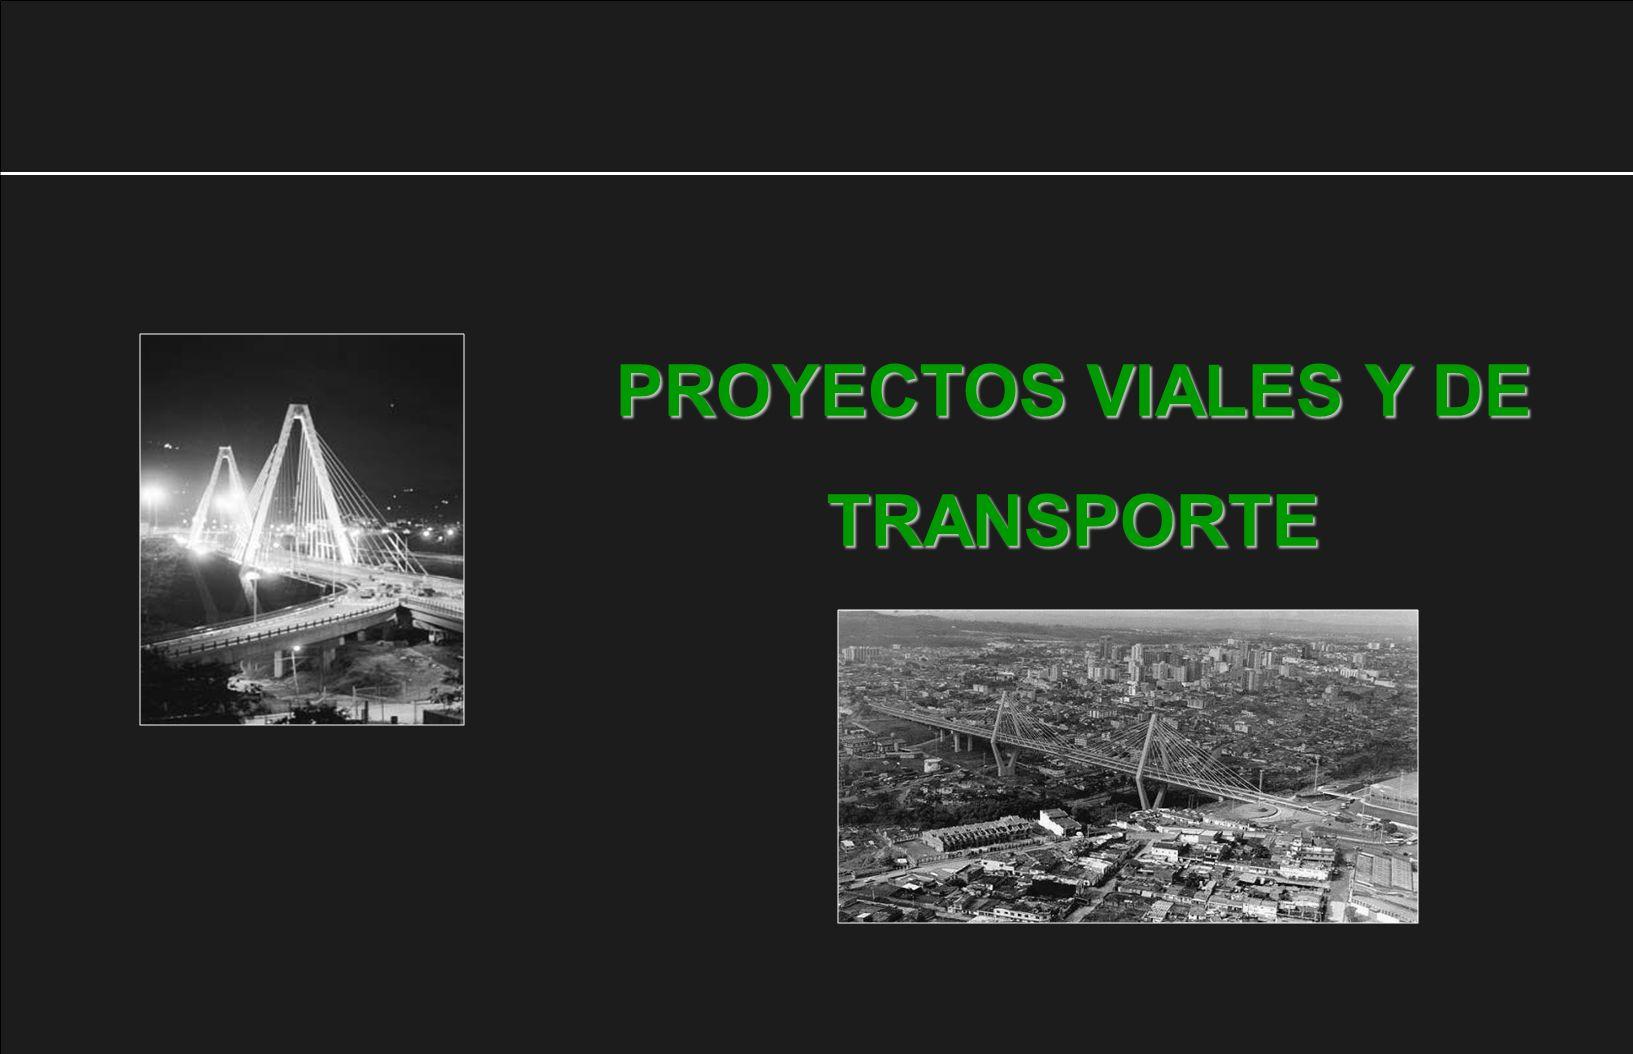 En cuanto a carreteras, la empresa ha ejecutado diseños y planos de construcción complementarios, y supervisión durante la construcción de varios desarrollos viales en Colombia, Perú, Ecuador, Bolivia y República Dominicana.